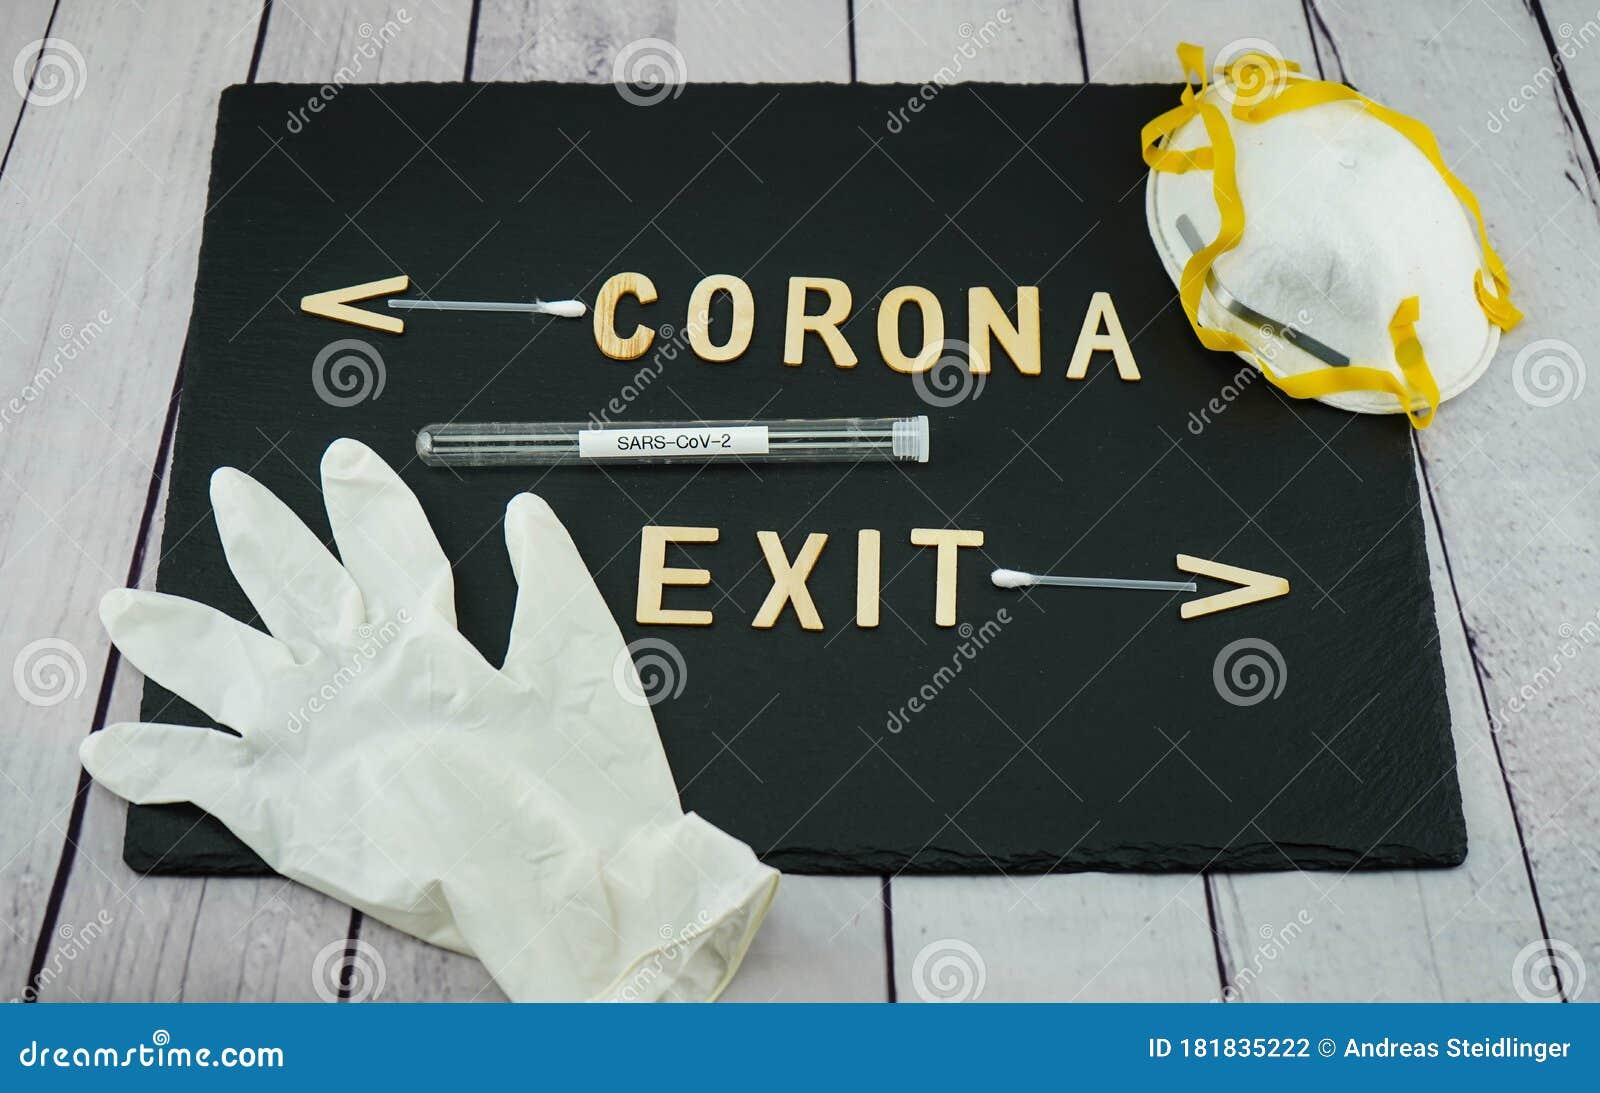 Exit Corona